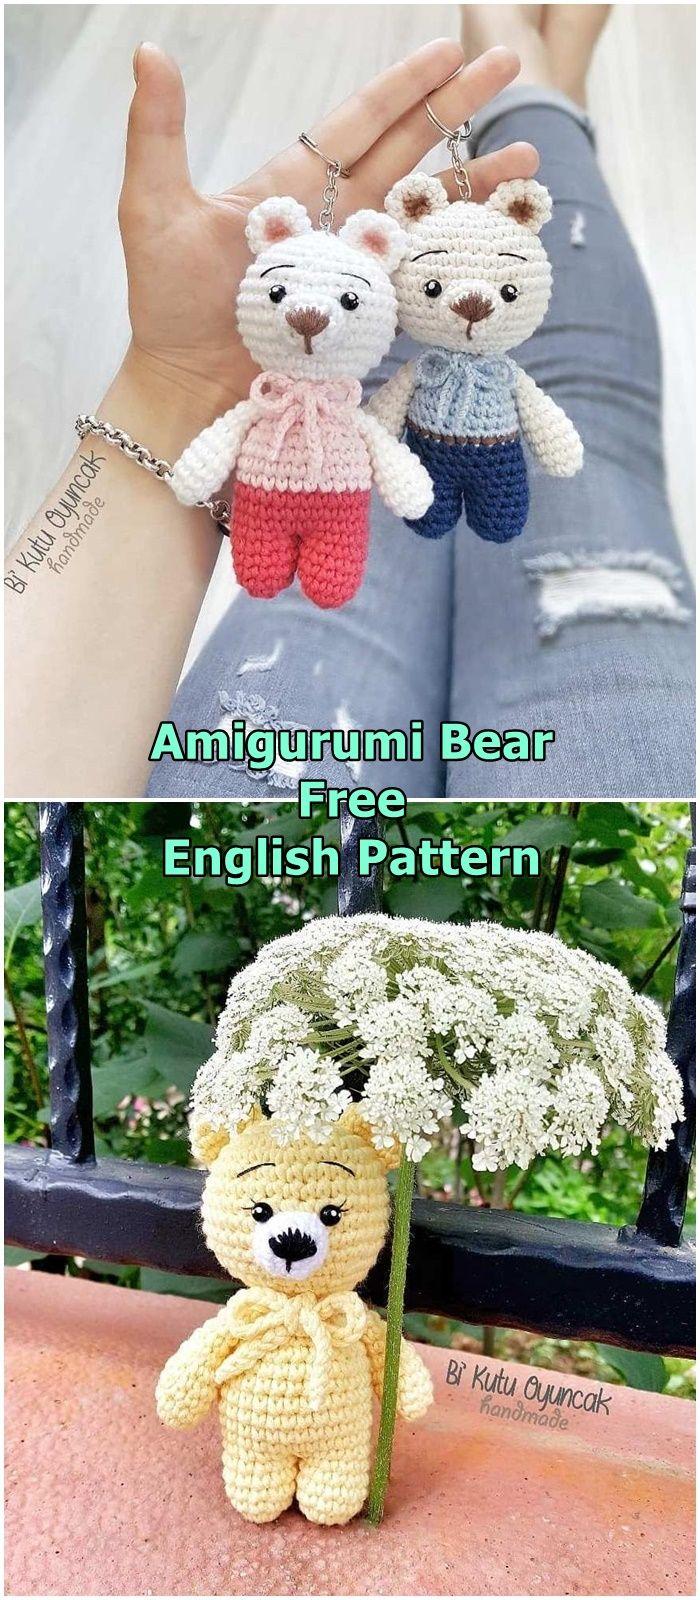 Patron de porte-clés en crochet gratuit - Simplement Bear ... | 1600x700